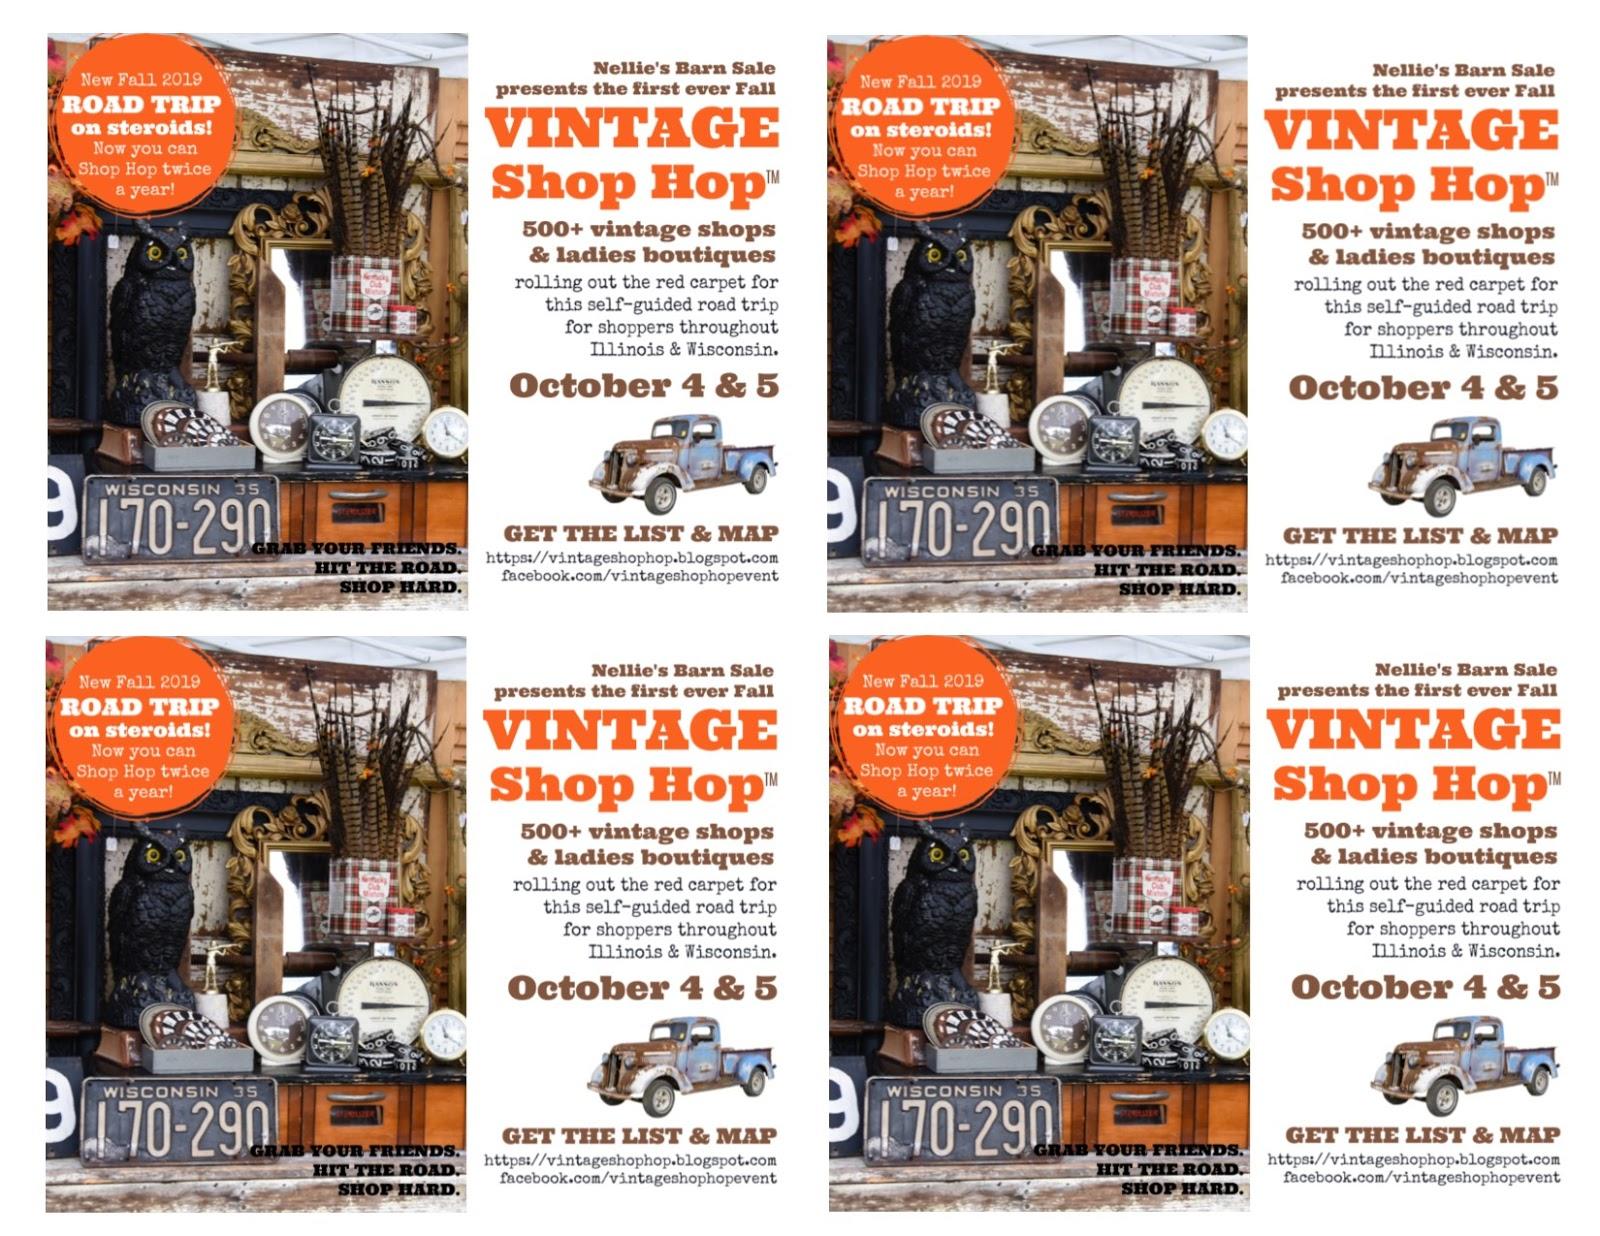 Vintage Shop Hop (TM): Shop Owner Tools